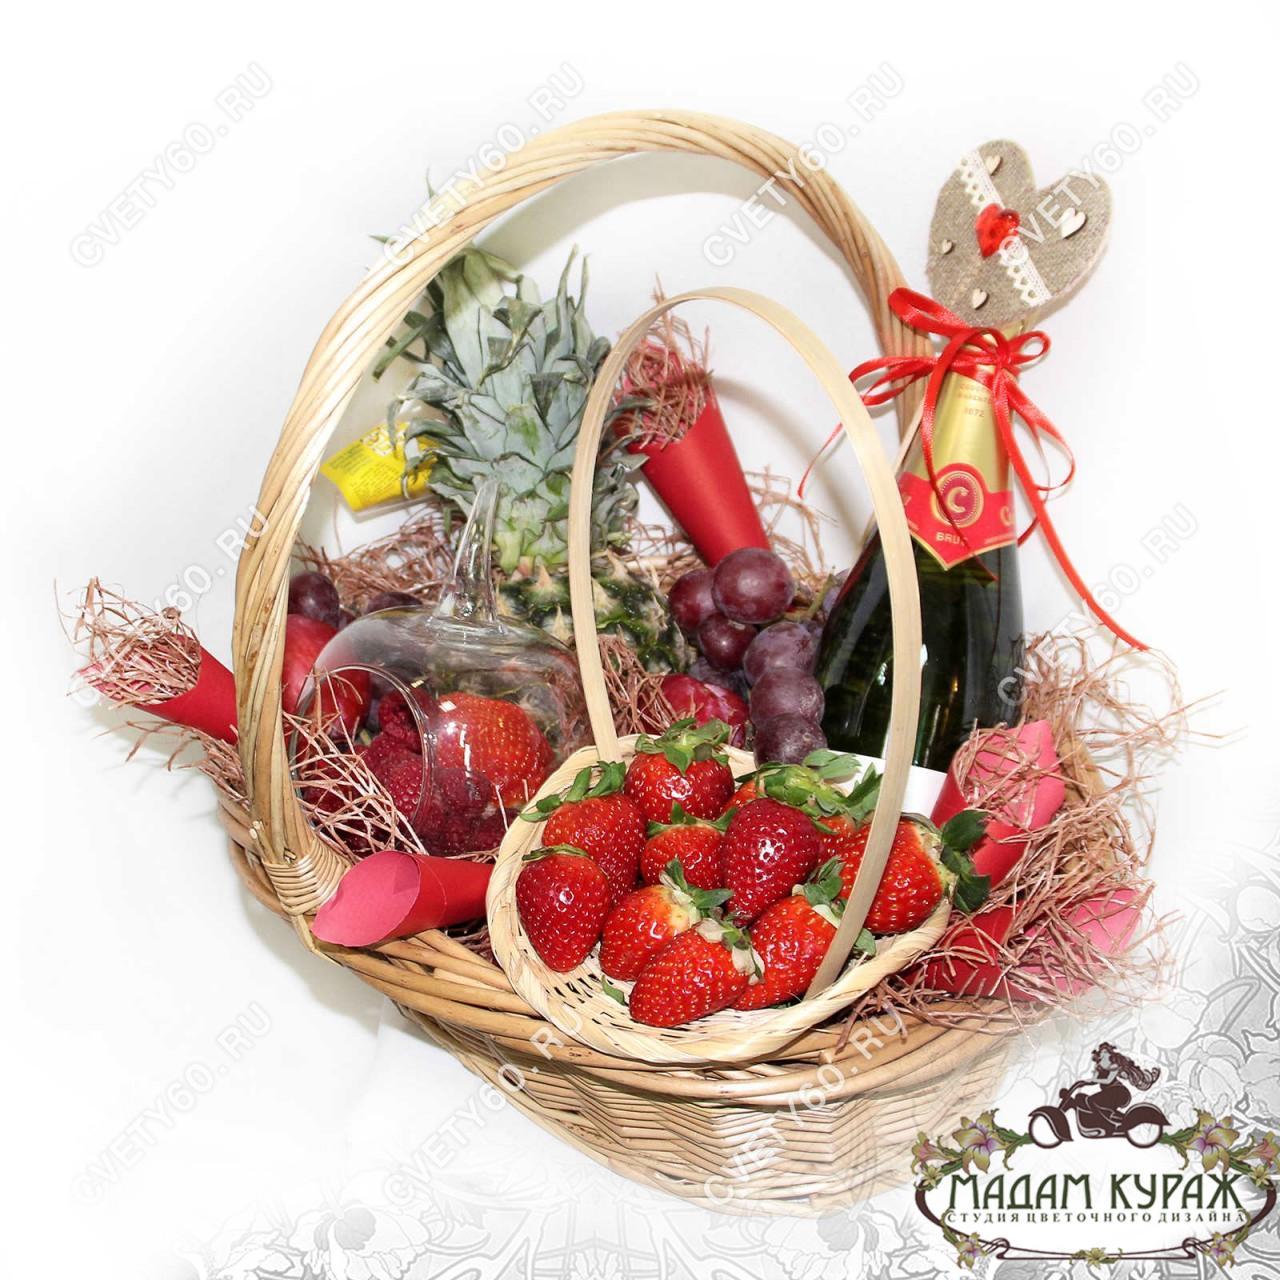 Корзина с фруктами и ягодами с доставкой  в Пскове